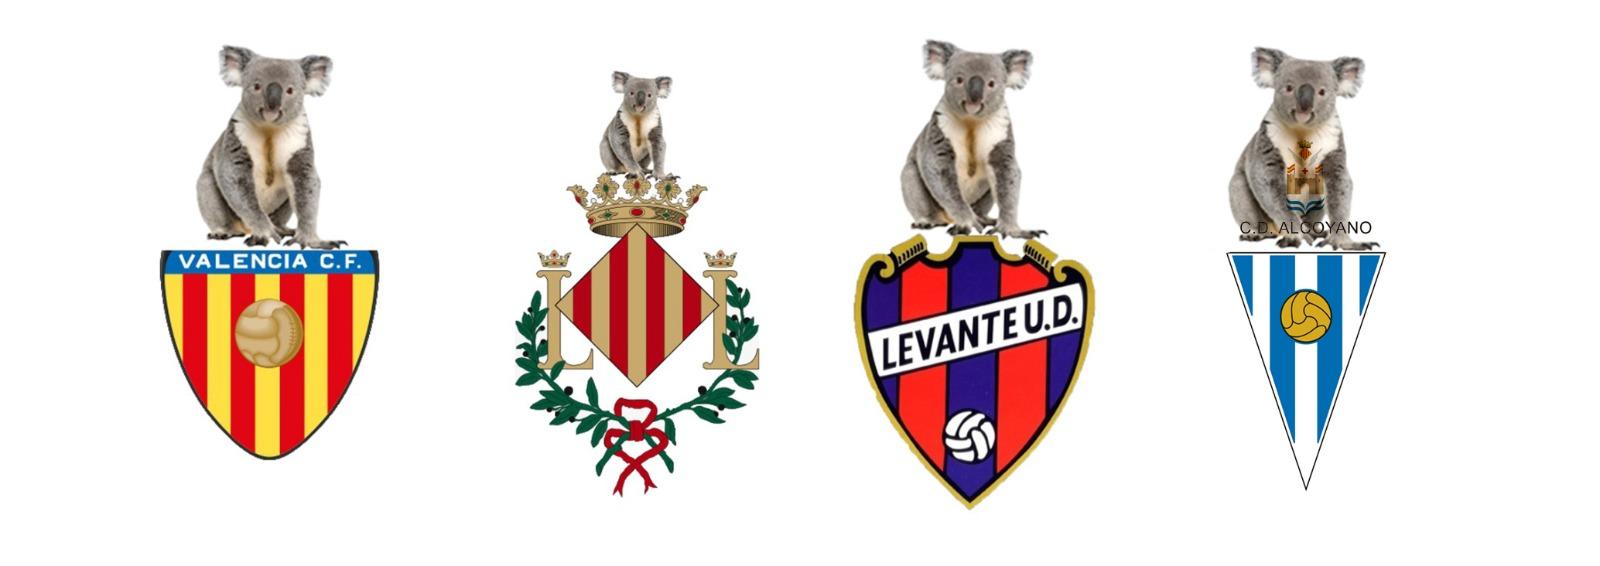 El CD Alcoyano y otros clubes de futbol valencianos retirarán los murciélagos de sus escudos para evitar posibles contagios por COVID-19